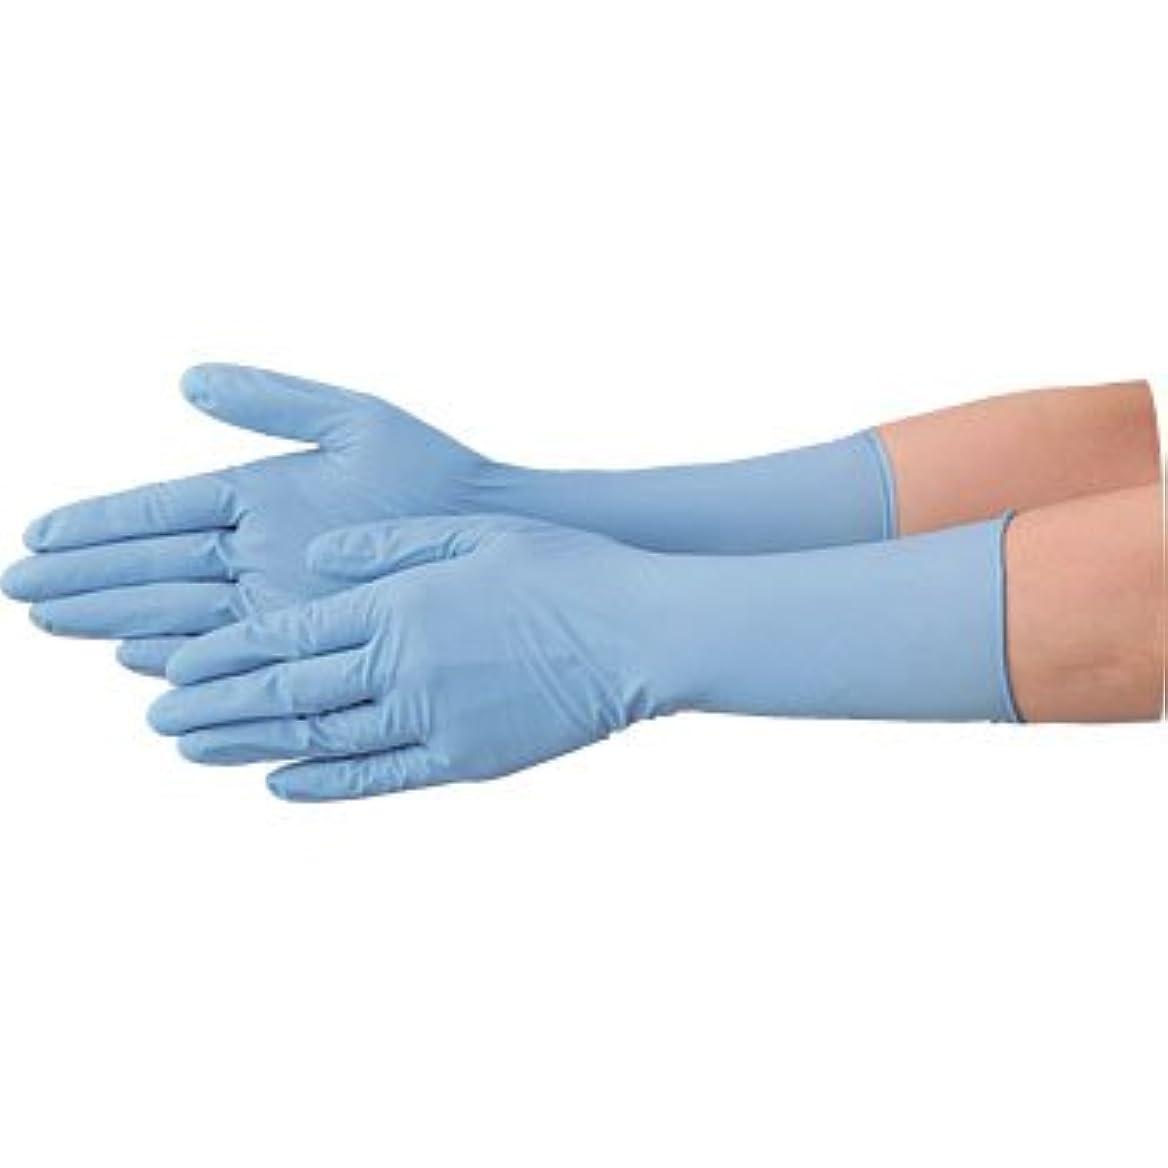 経歴属する寝る使い捨て 手袋 エブノ 528 ニトリル ロング手袋 パウダーフリー 全長29cm ブルー Lサイズ 2ケース(100枚×40箱)